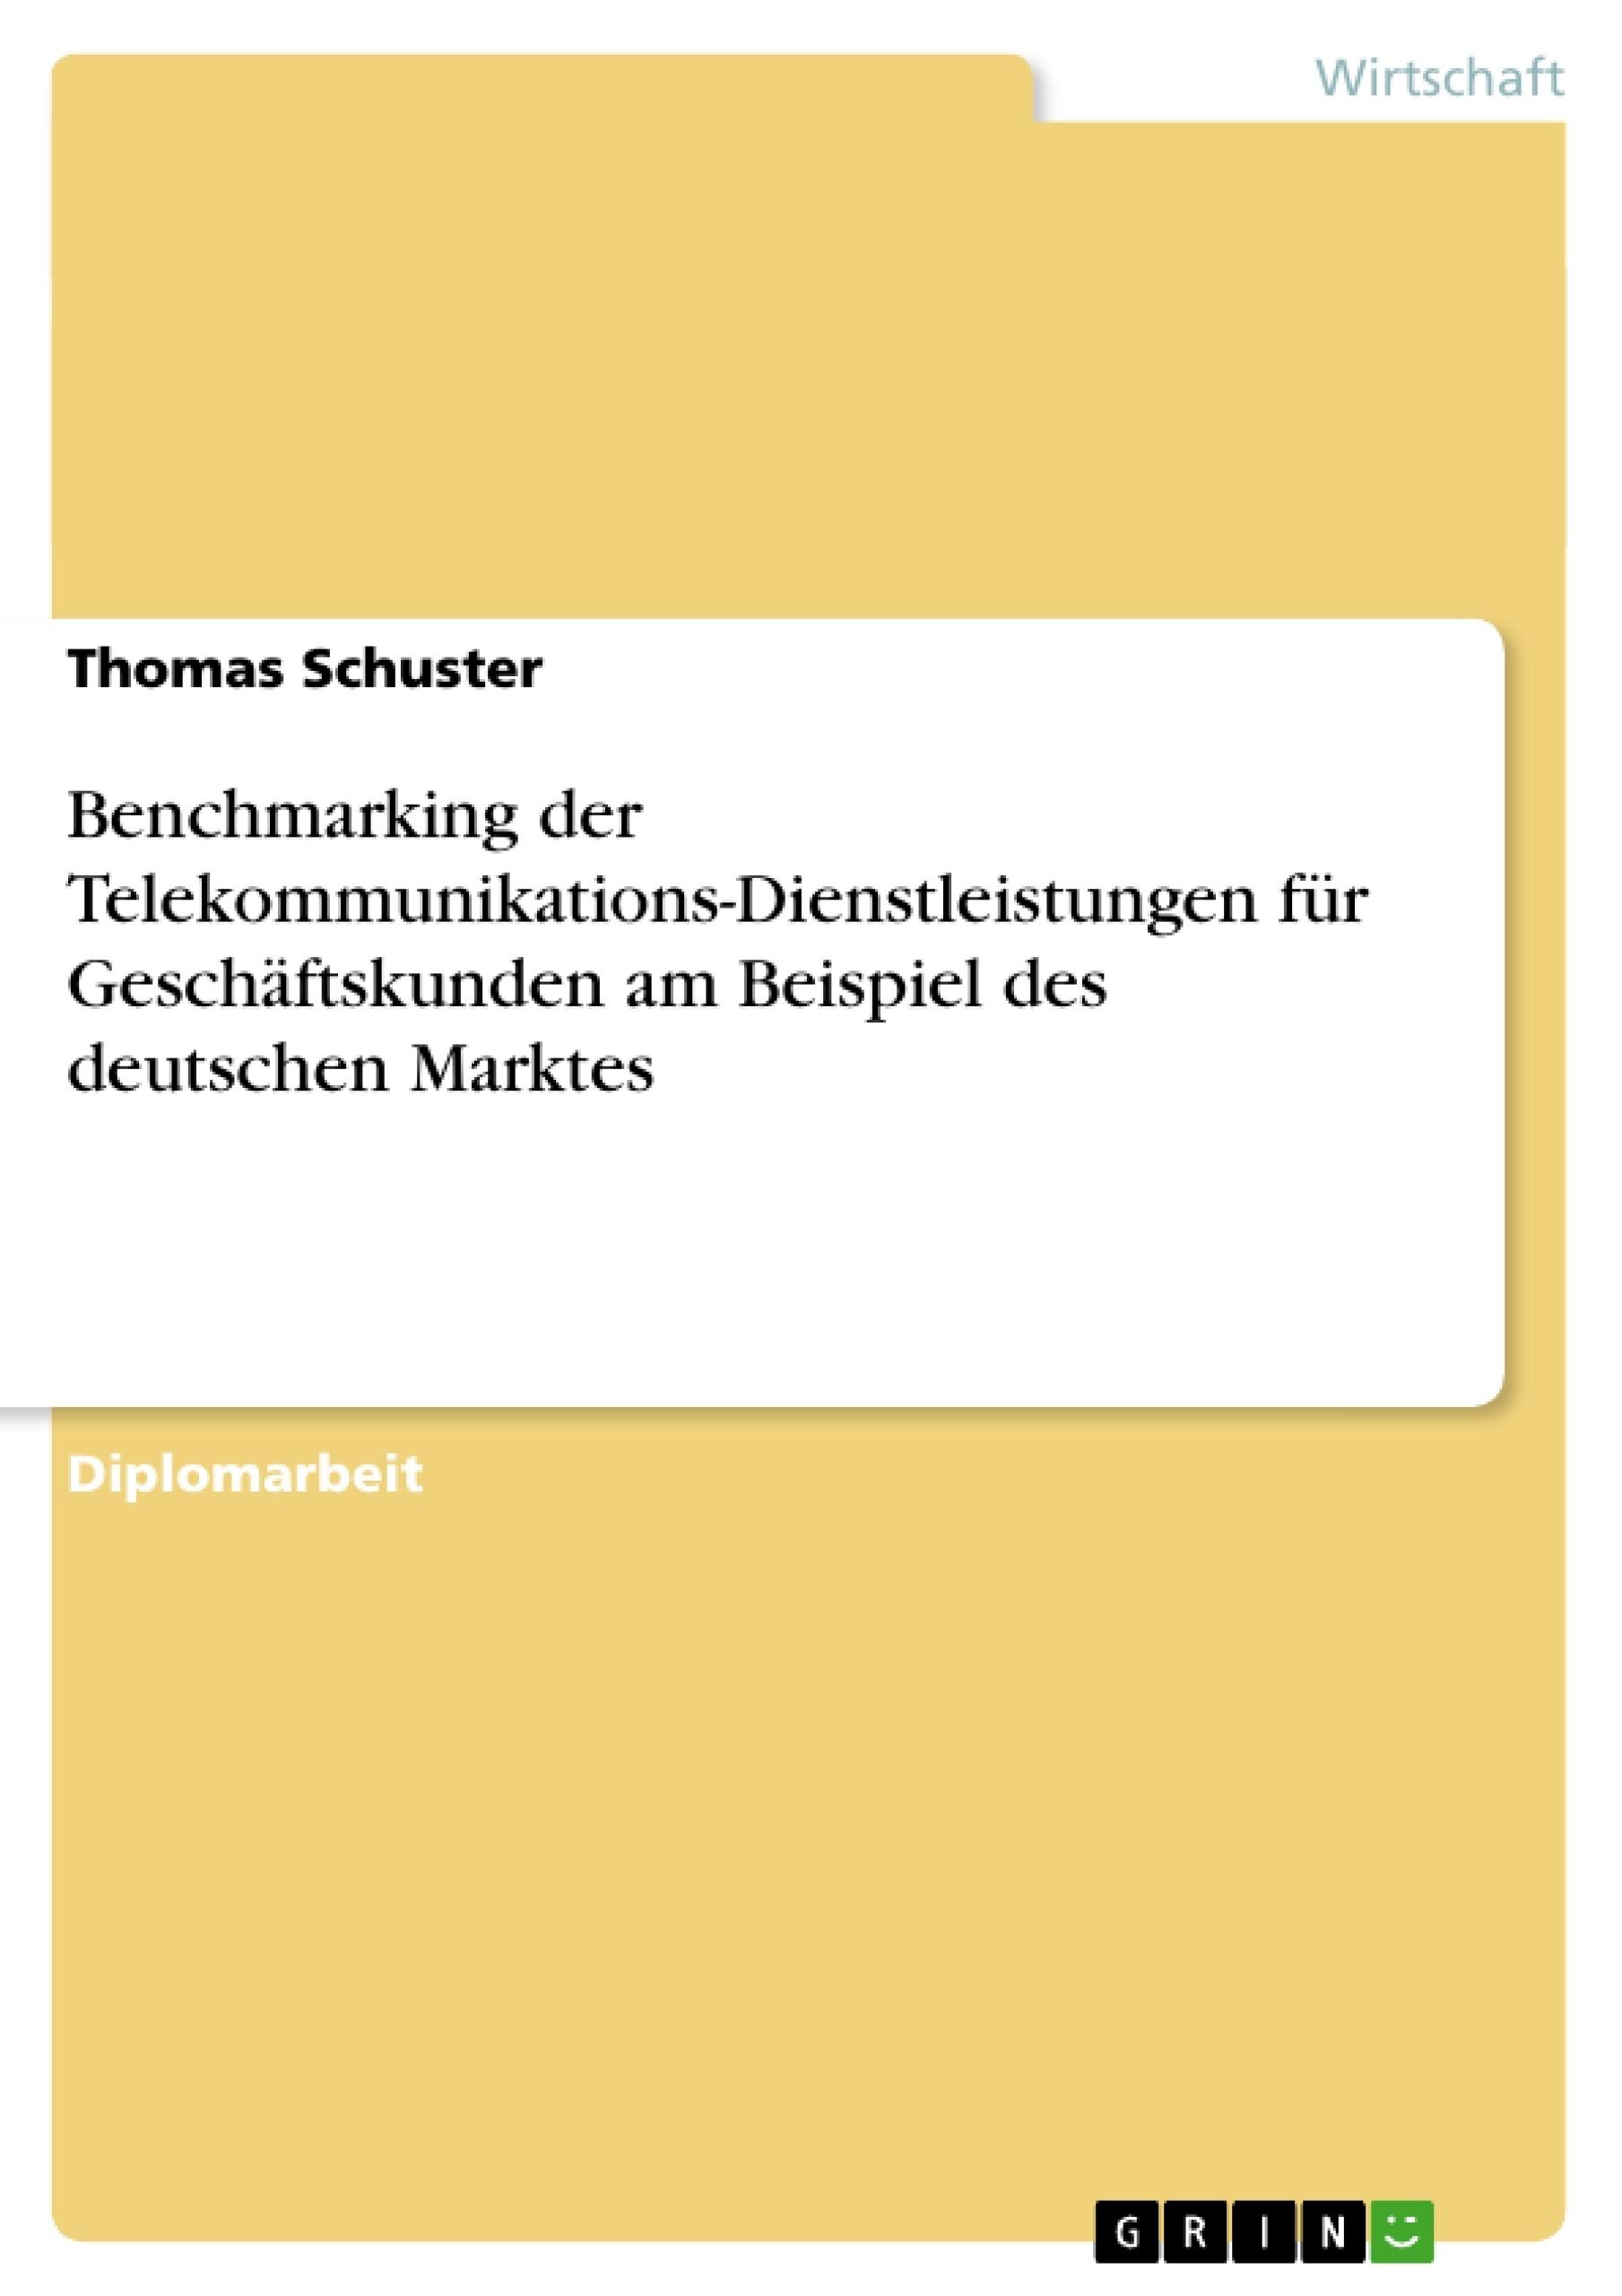 Titel: Benchmarking der Telekommunikations-Dienstleistungen für Geschäftskunden am Beispiel des deutschen Marktes